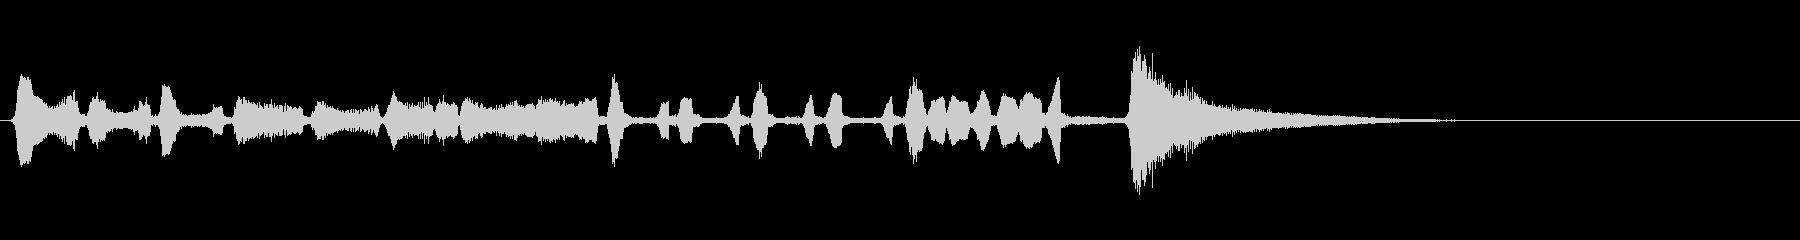 【生演奏】アコーディオンジングル16の未再生の波形